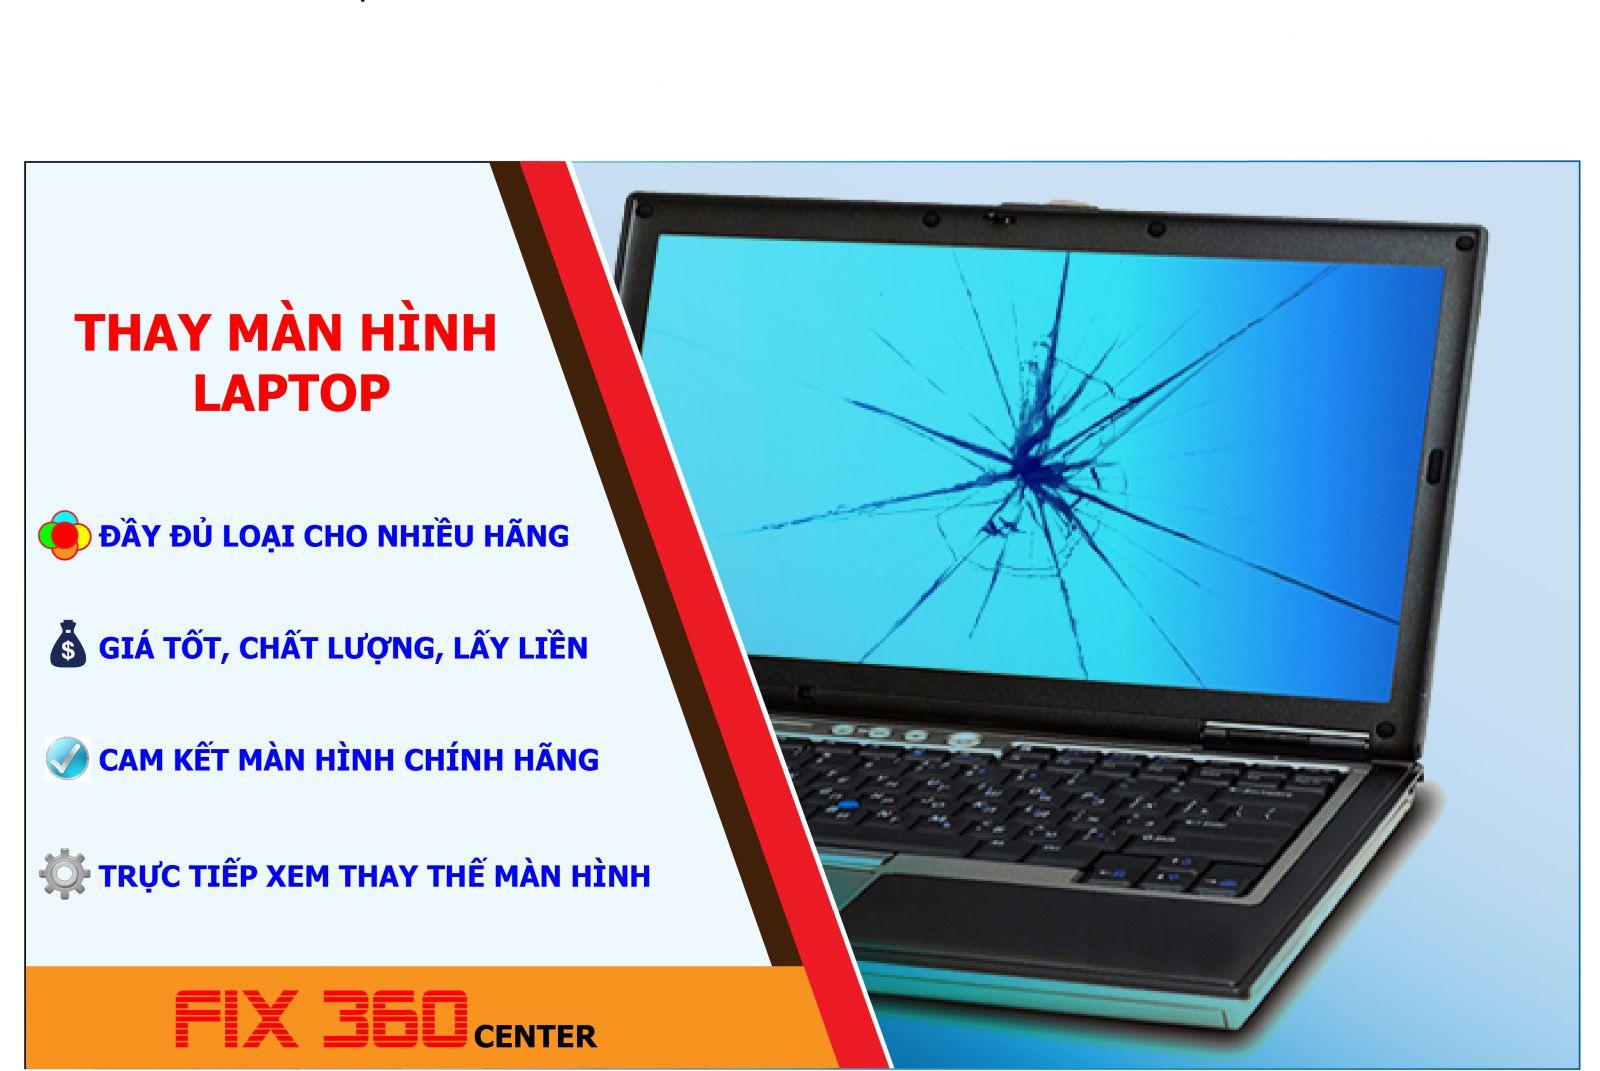 Thay màn hình máy tính laptop uy tín giá rẻ, lấy liền tại thủ đức, tp.hcm